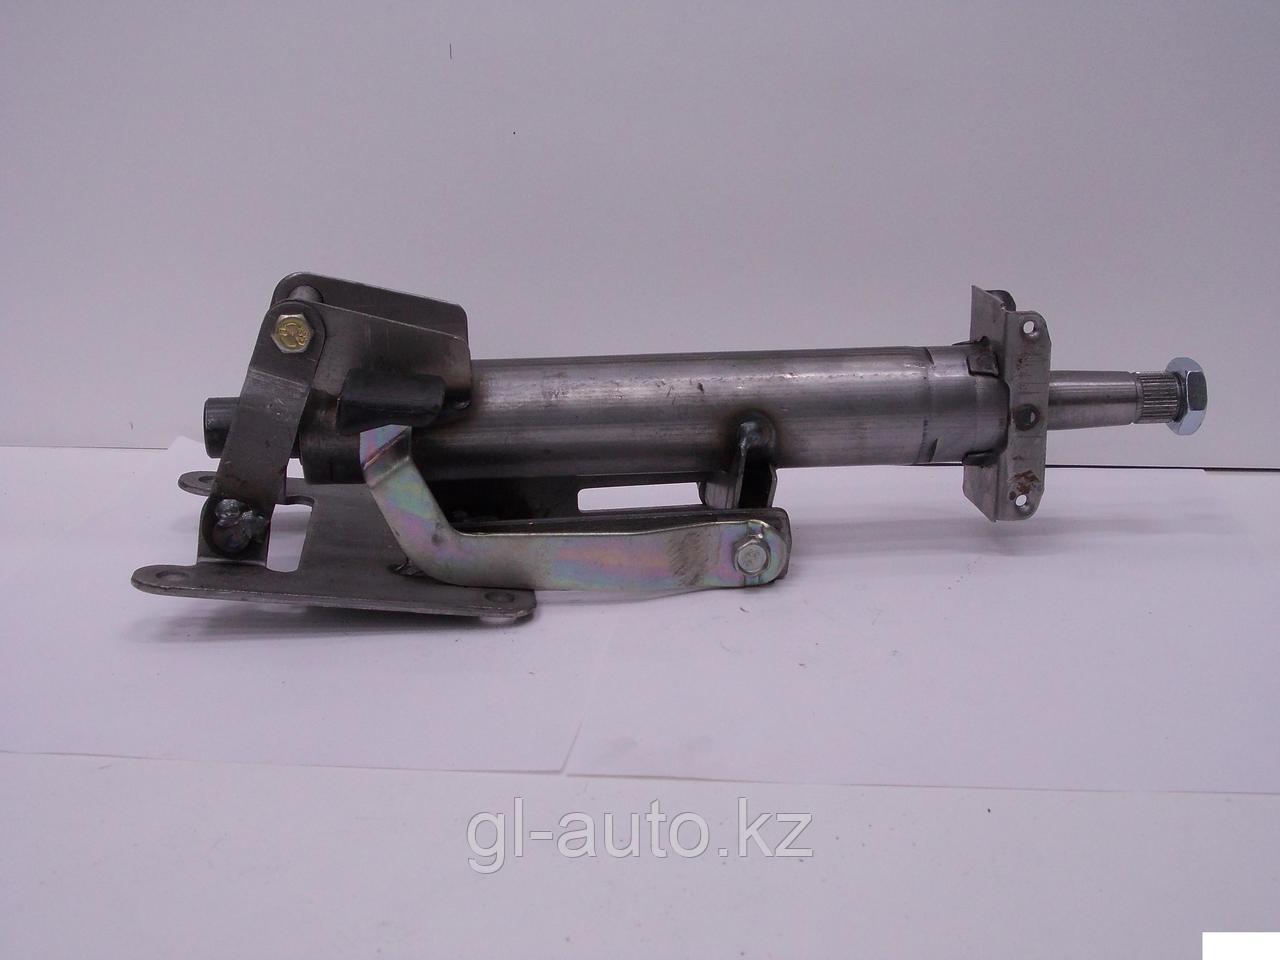 Колонка рулевого управления Г-3302 Газель